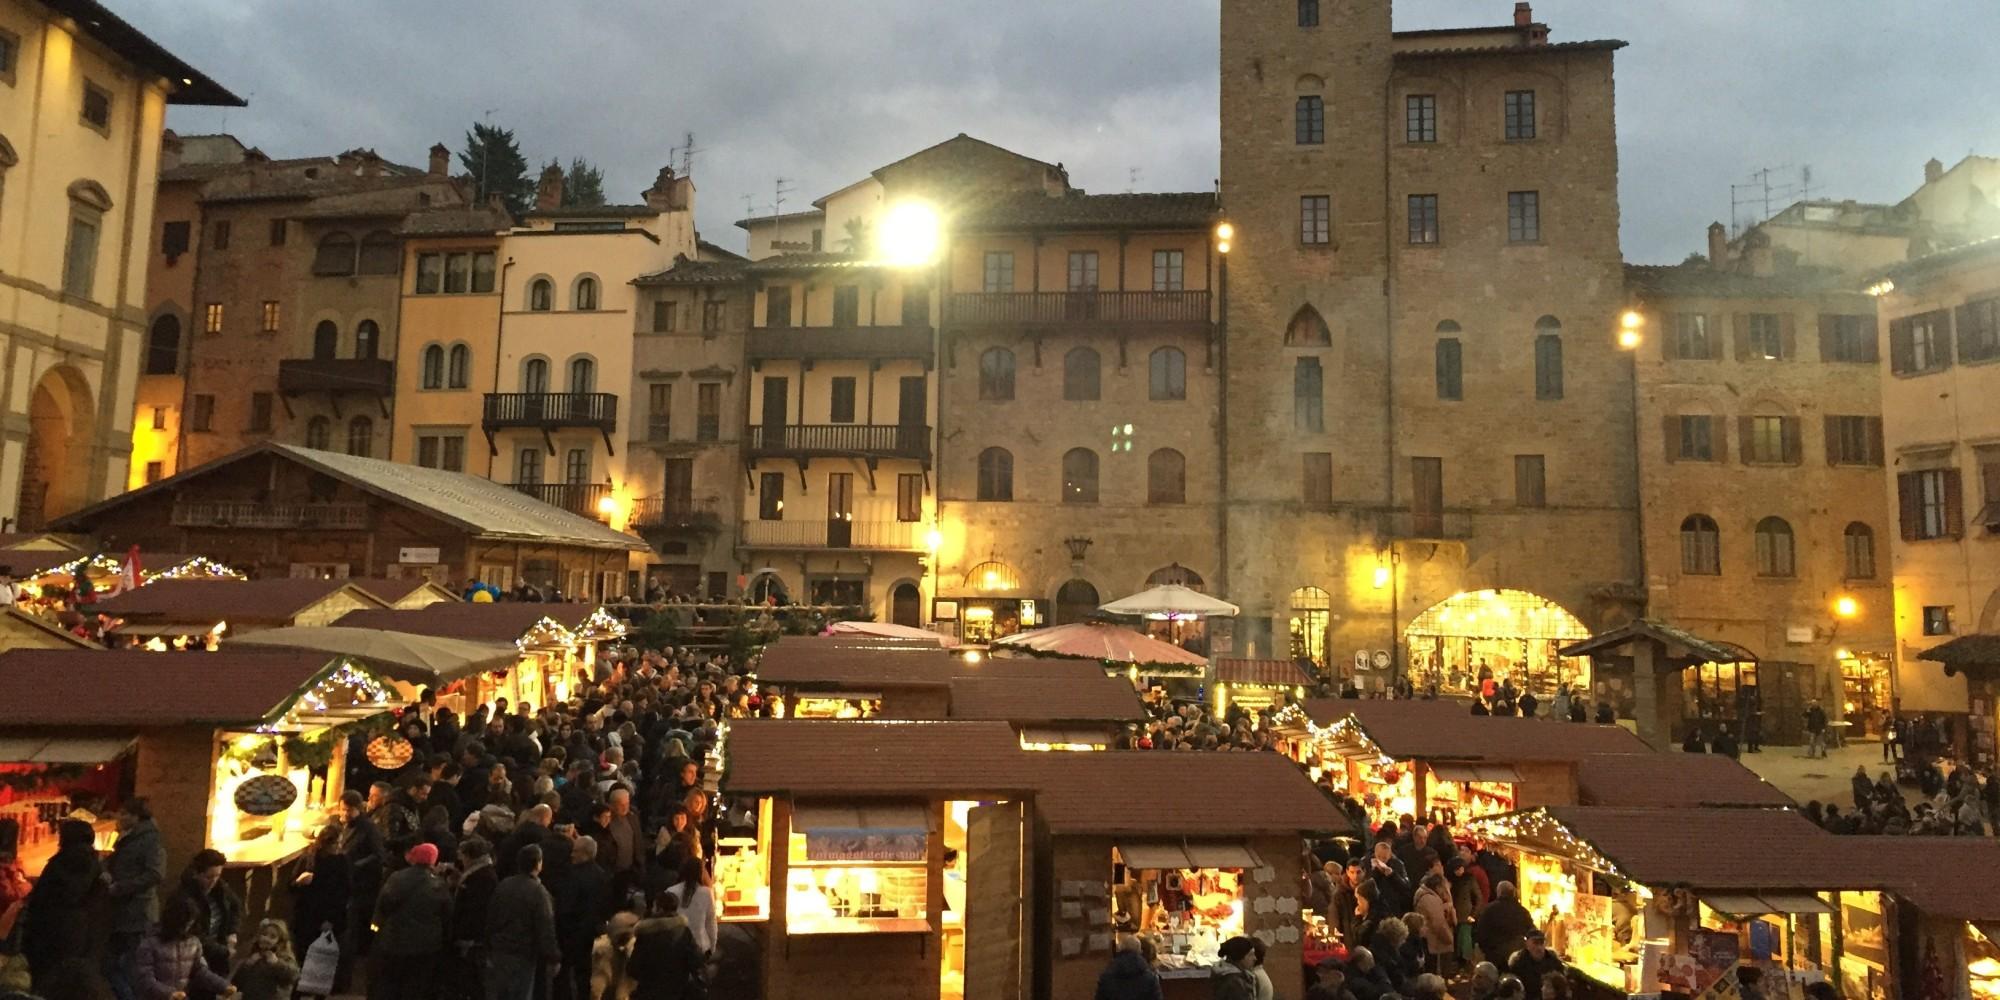 Da arezzo a cortona un natale di giochi d 39 acqua e luce for Arezzo antiquariato